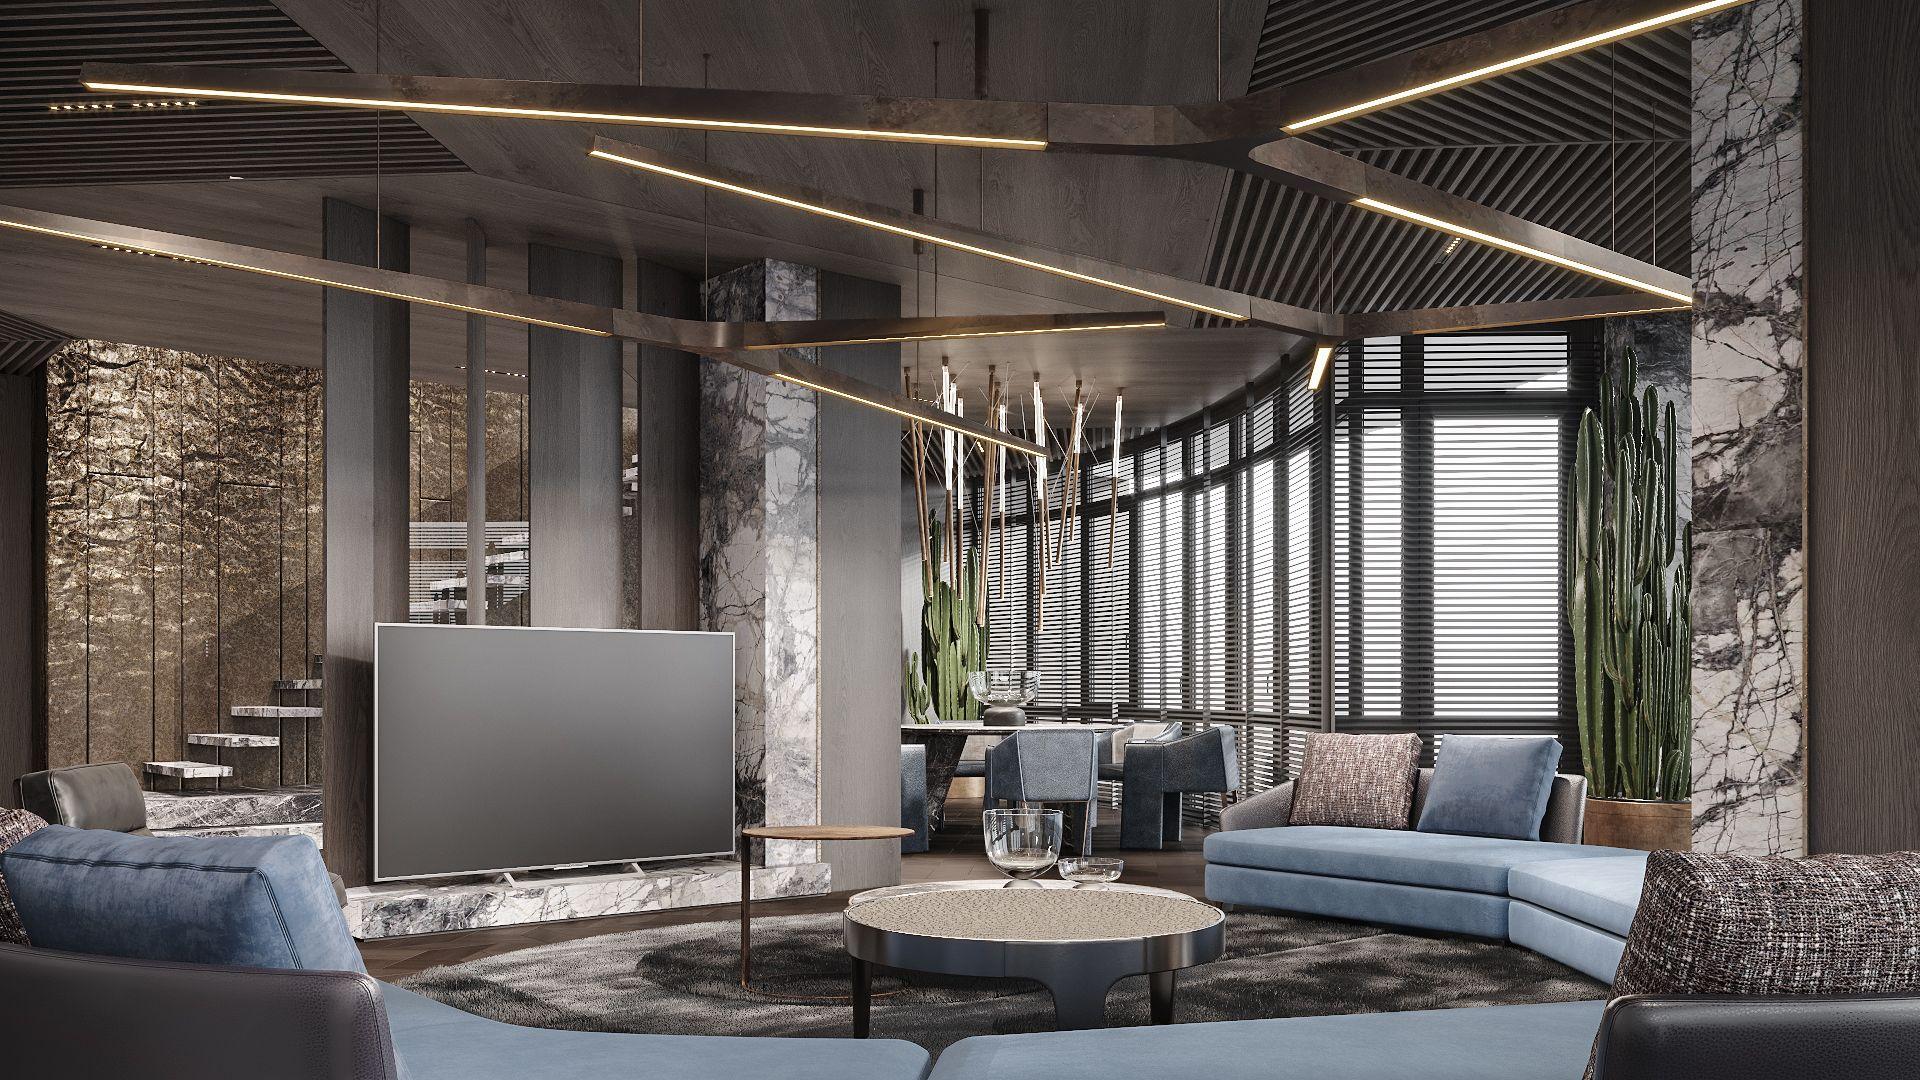 Case Iq 18 Mt Iqosa In 2021 Lobby Interior Design International Interior Design Hotel Lobby Design